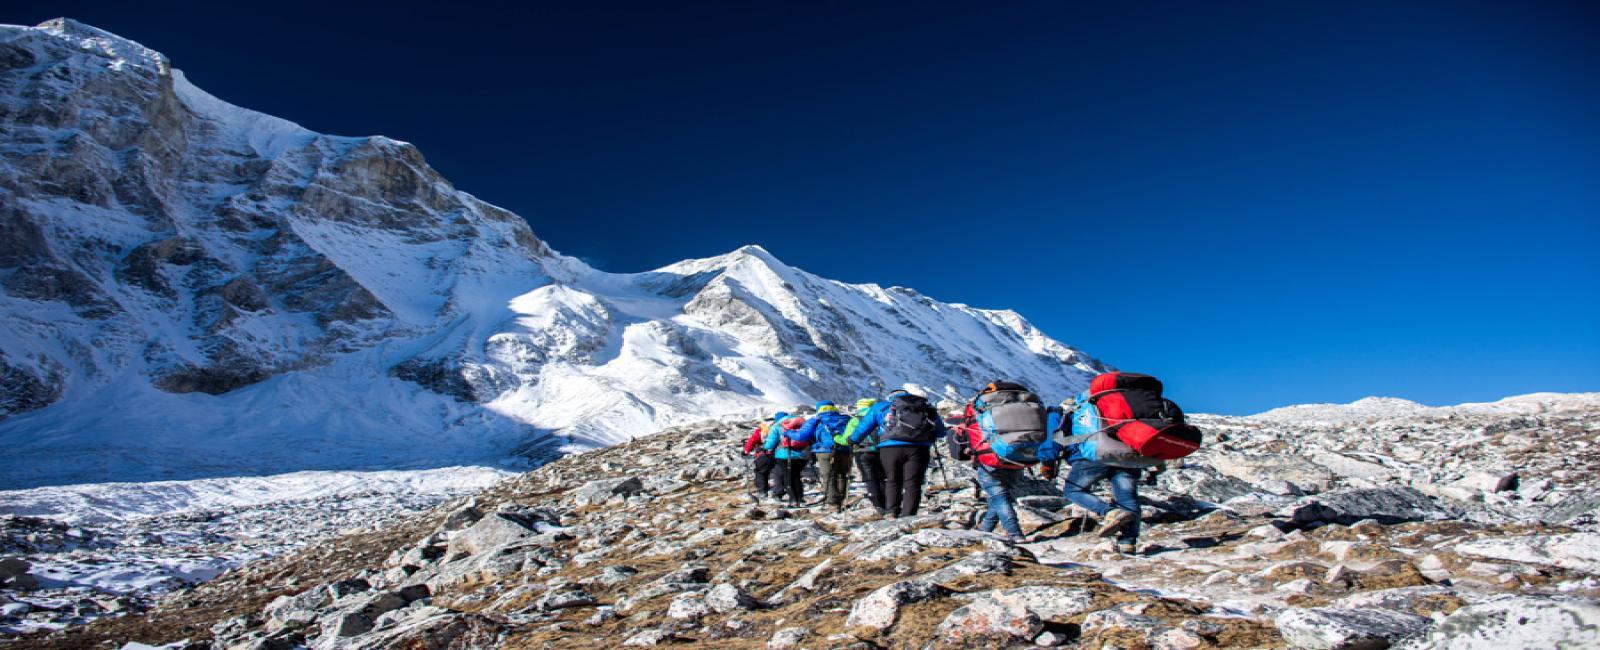 Manasalu Larke pass trekking